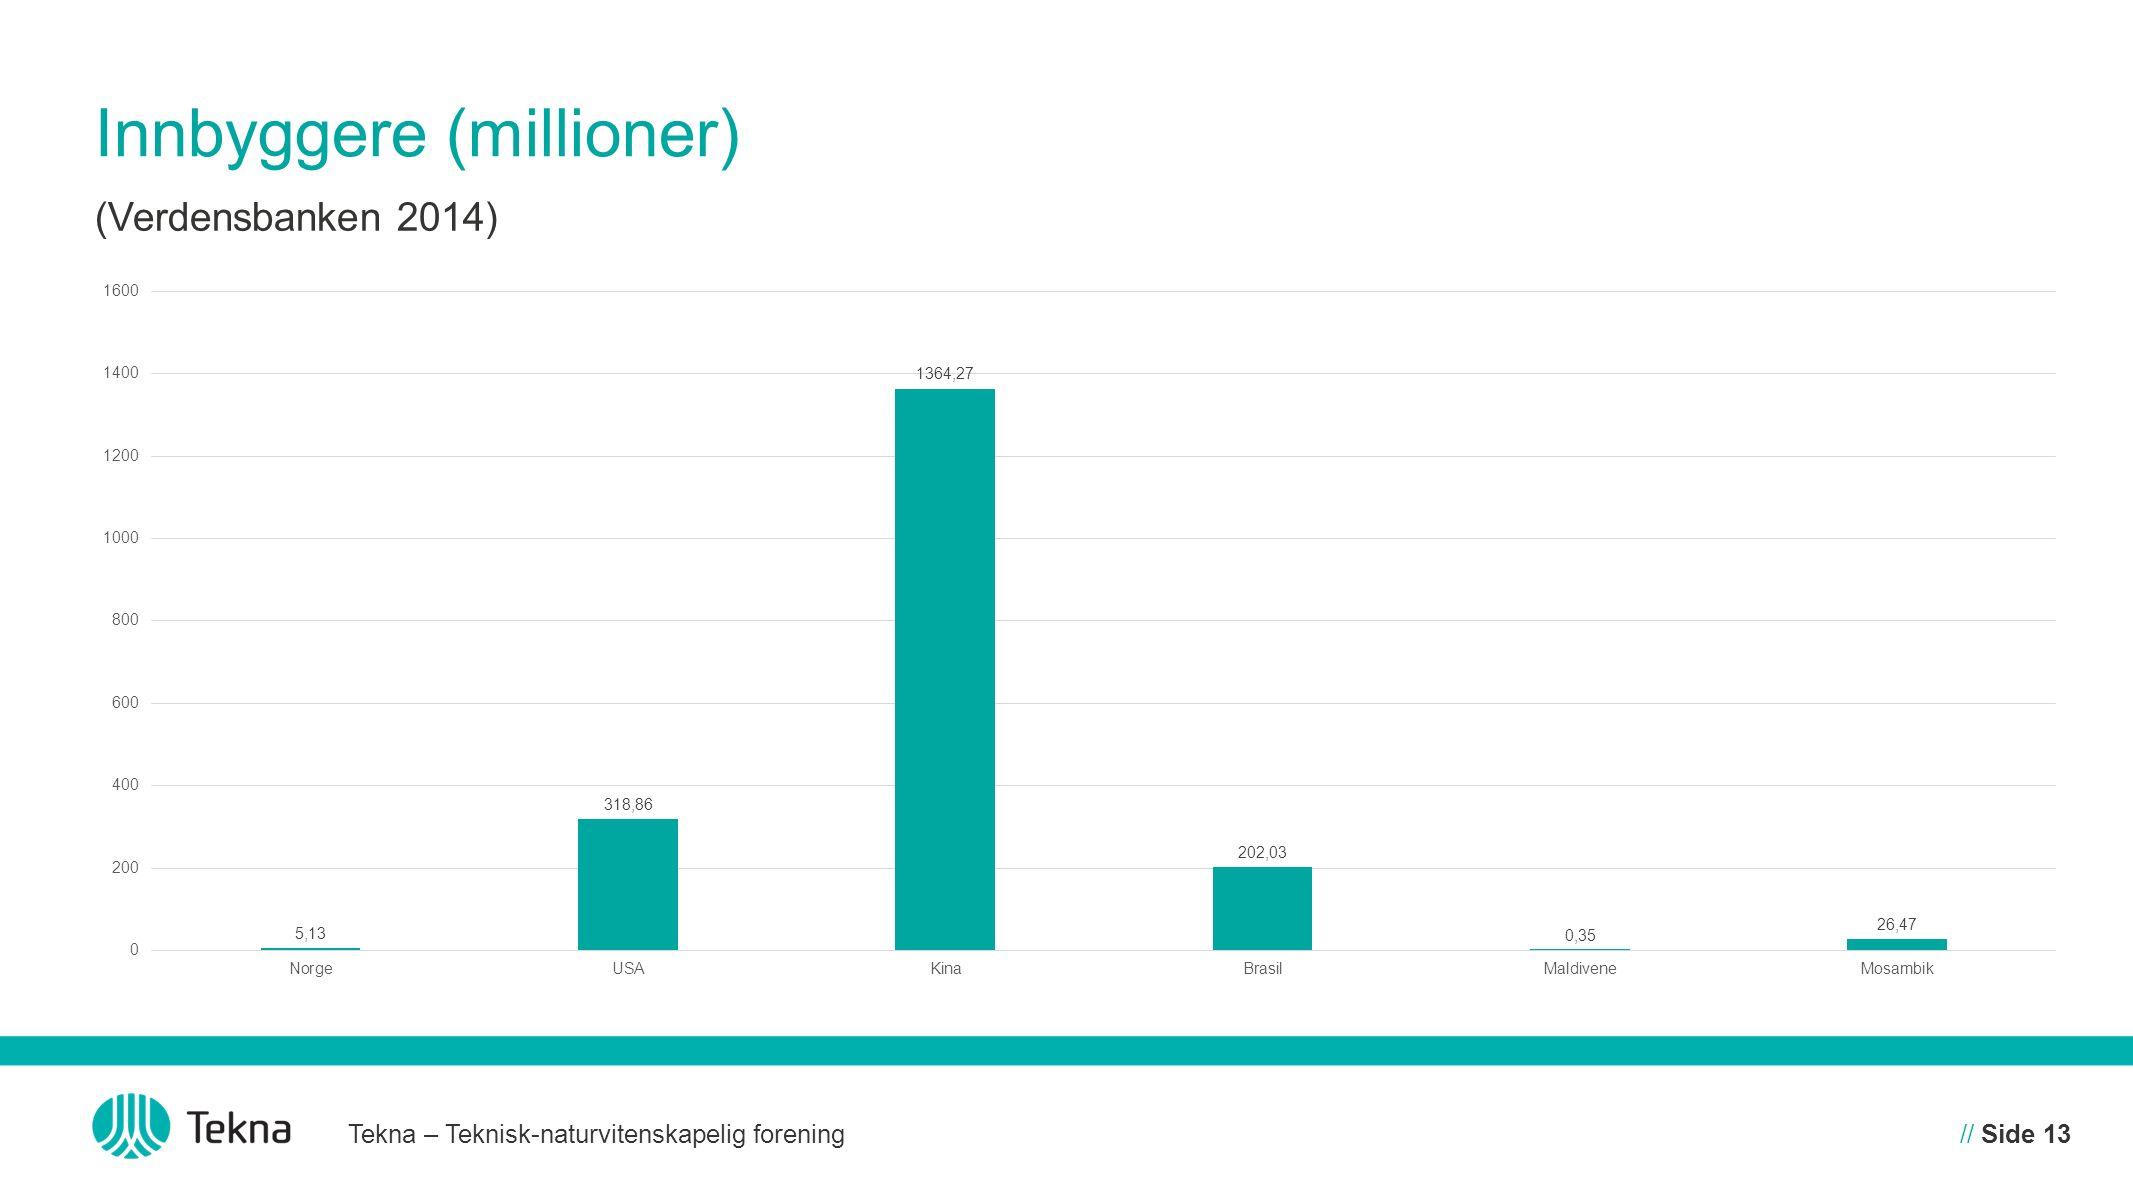 Innbyggere (millioner)